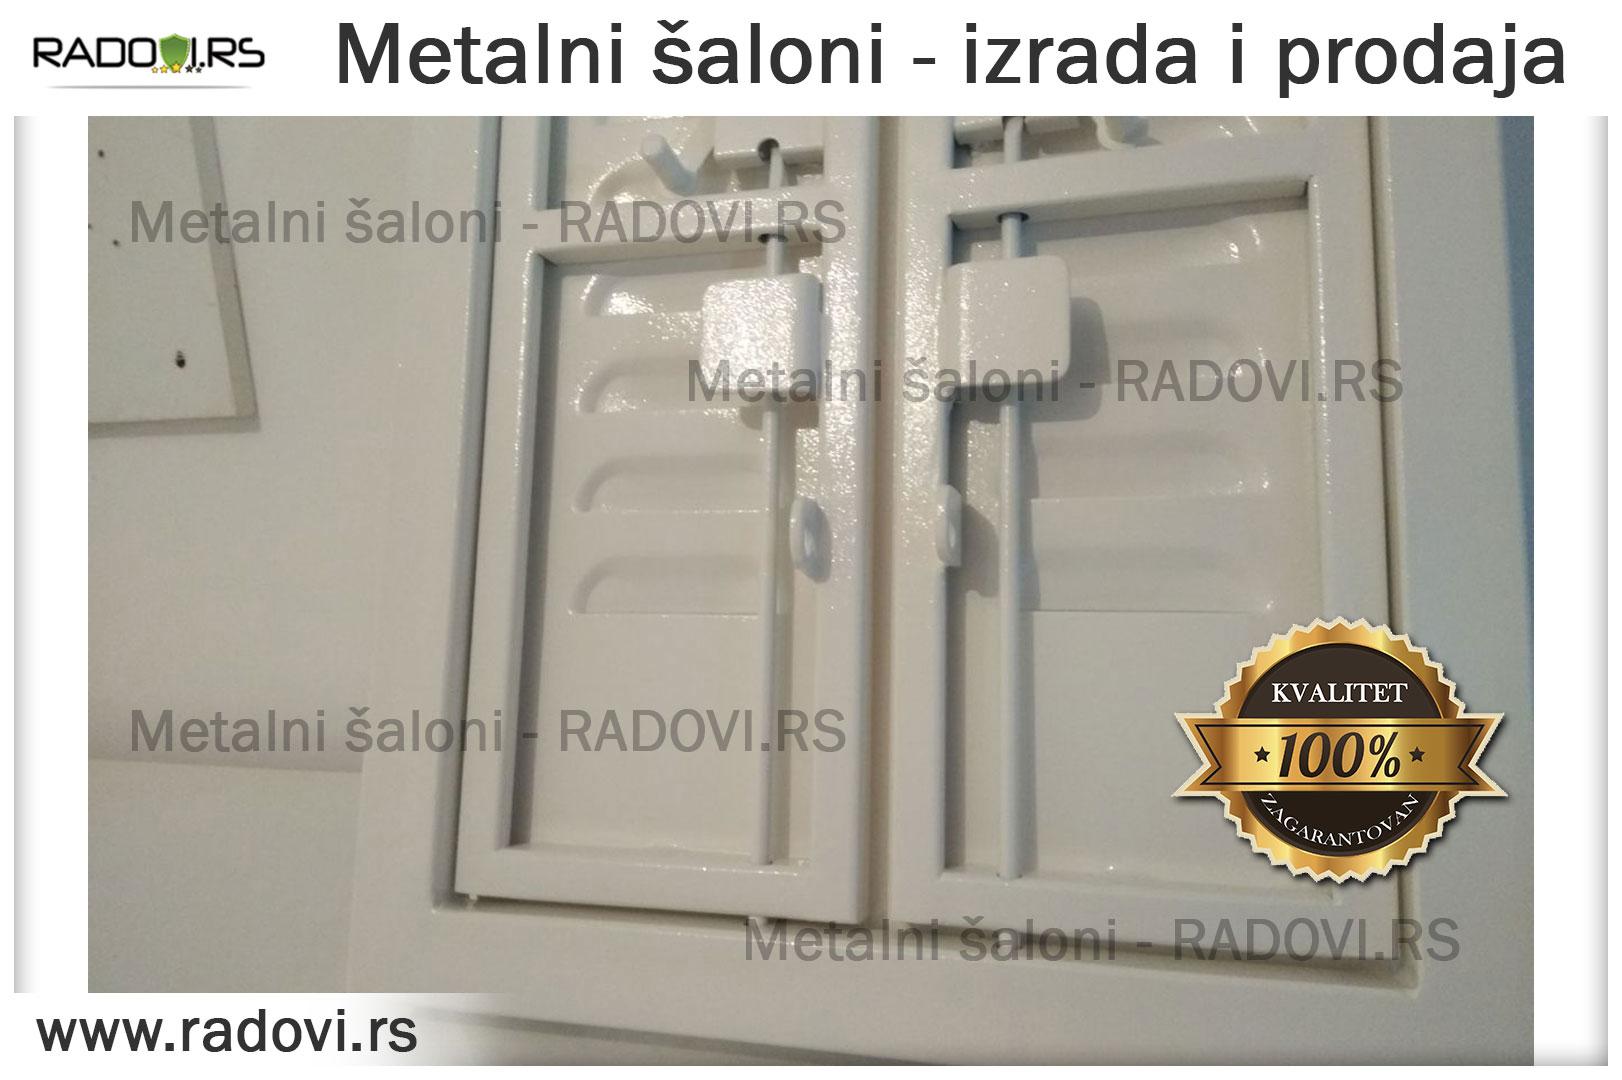 Metalni šaloni - izrada, prodaja i ugradnja - Bravar - Radovi.rs